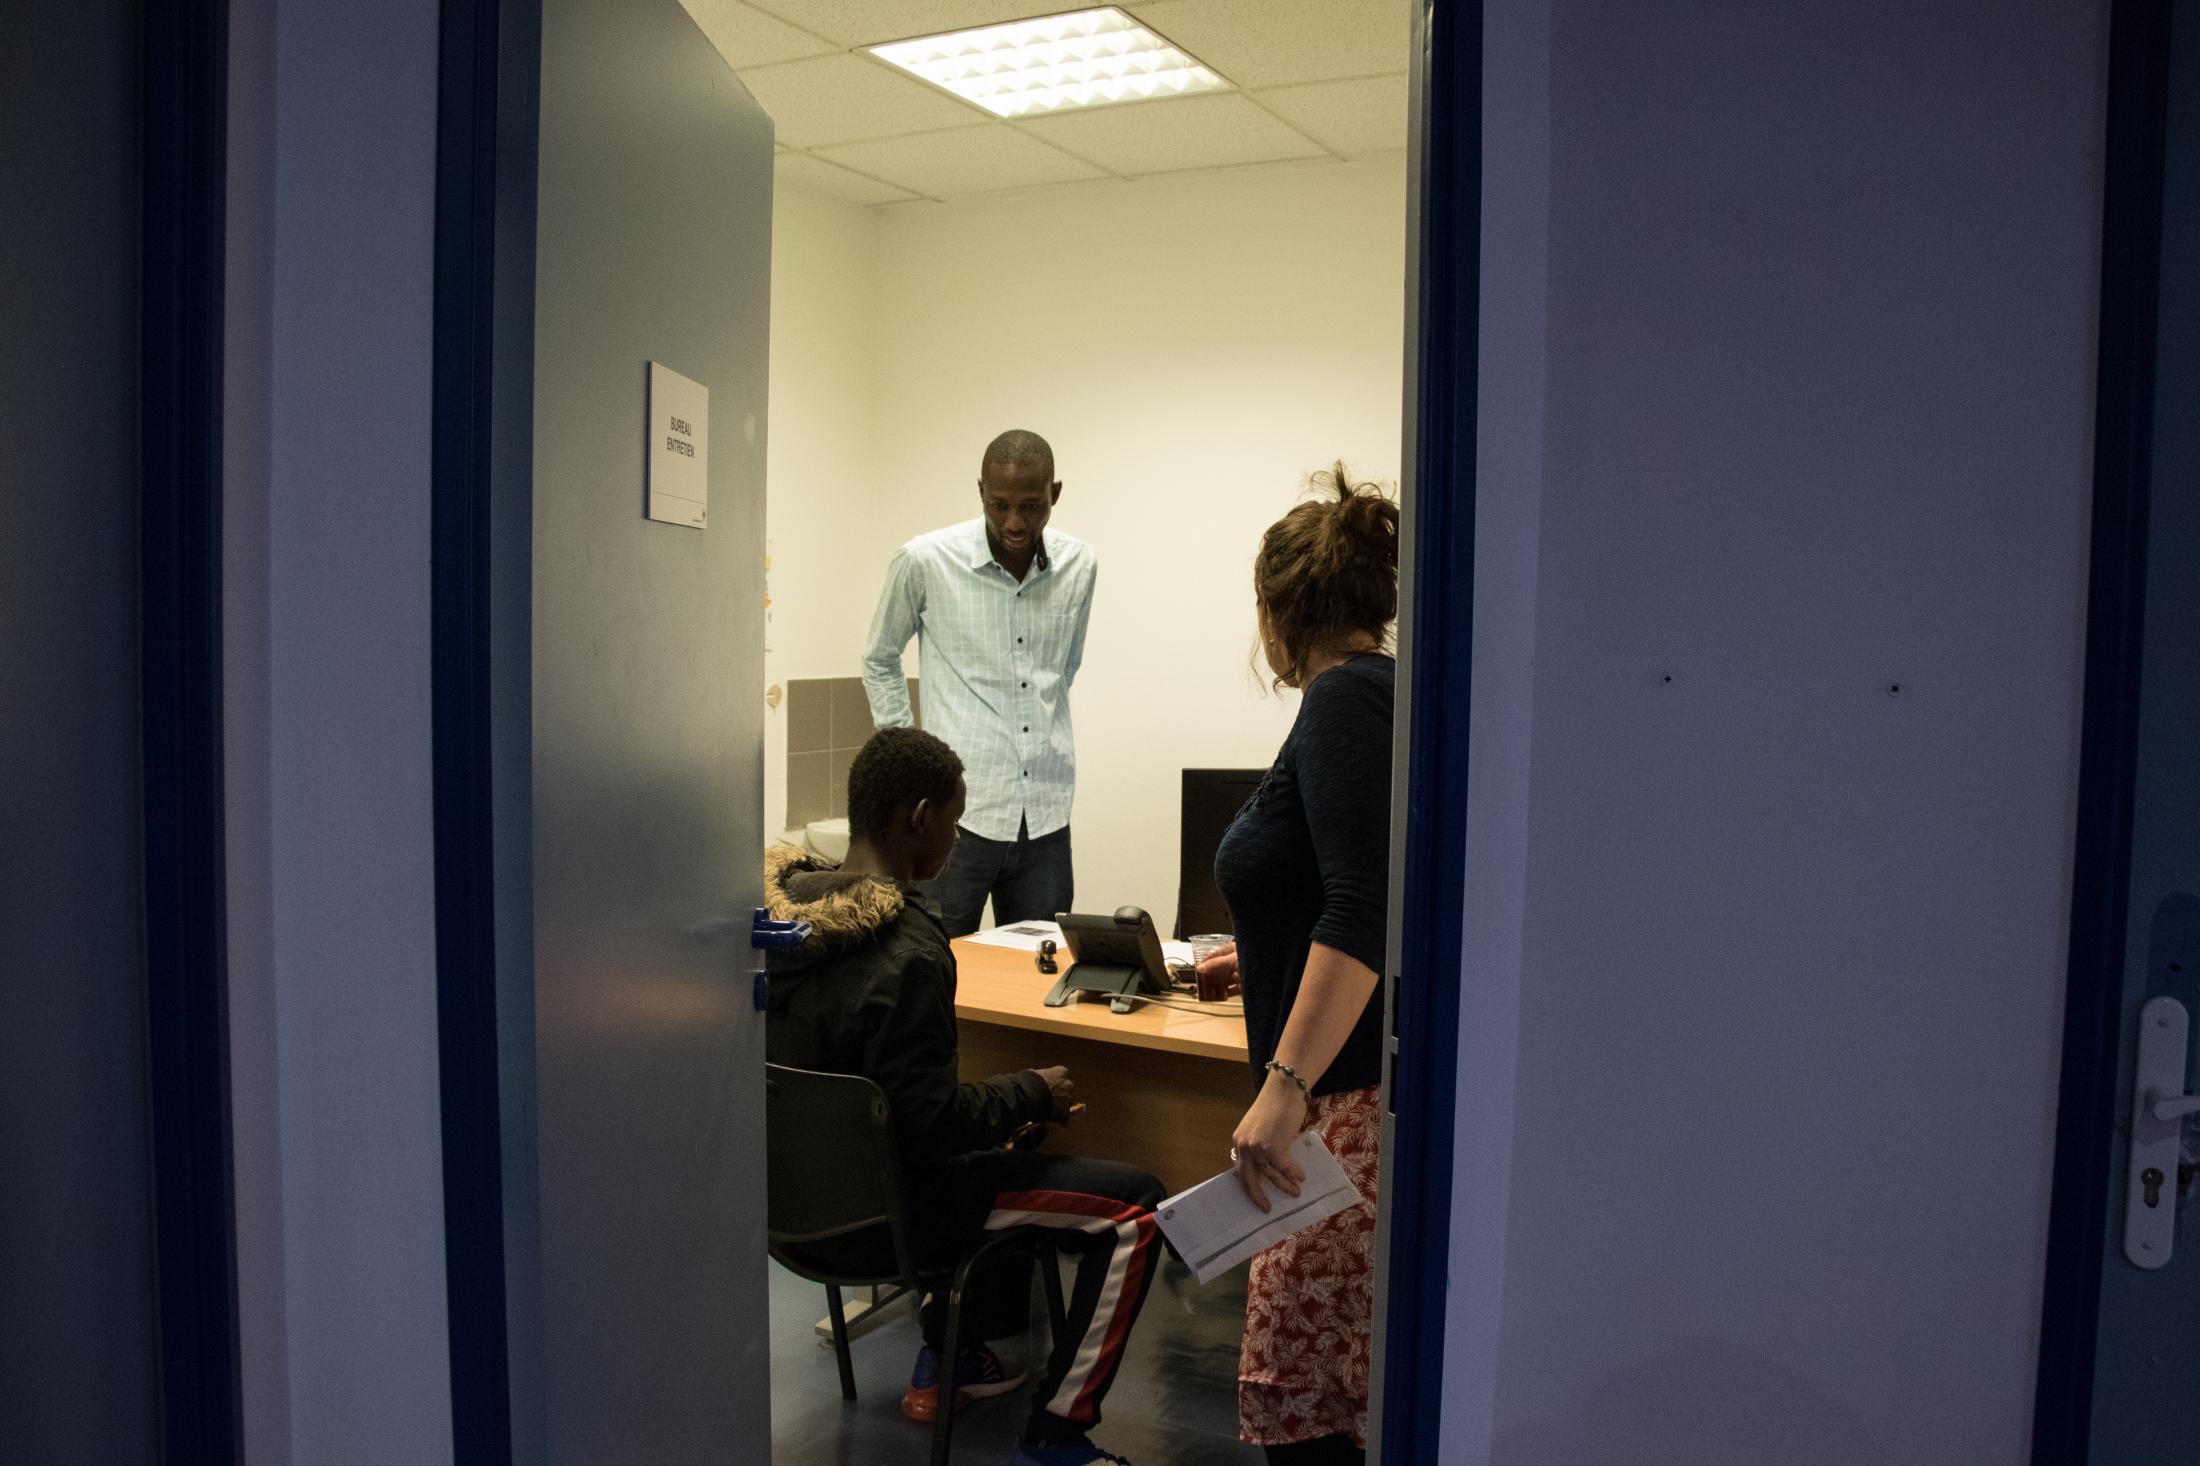 Le jeune Dramane sort de l'entretien court avec un évaluateur qui s'exprime en Soninké.